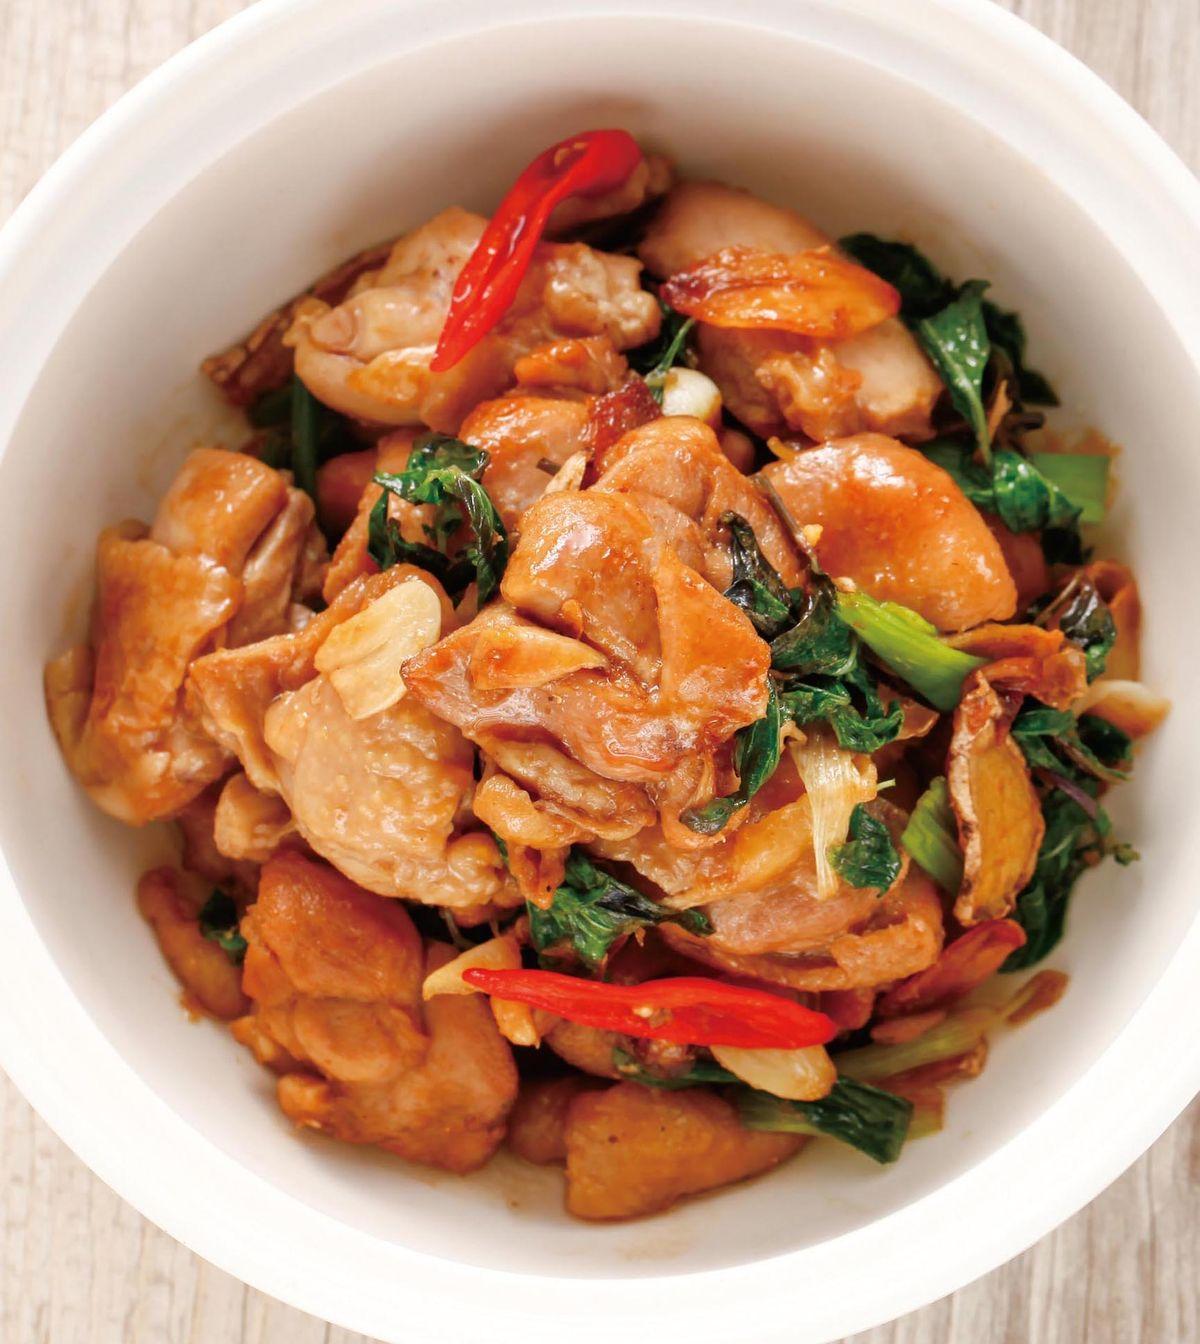 食譜:照燒塔香雞塊